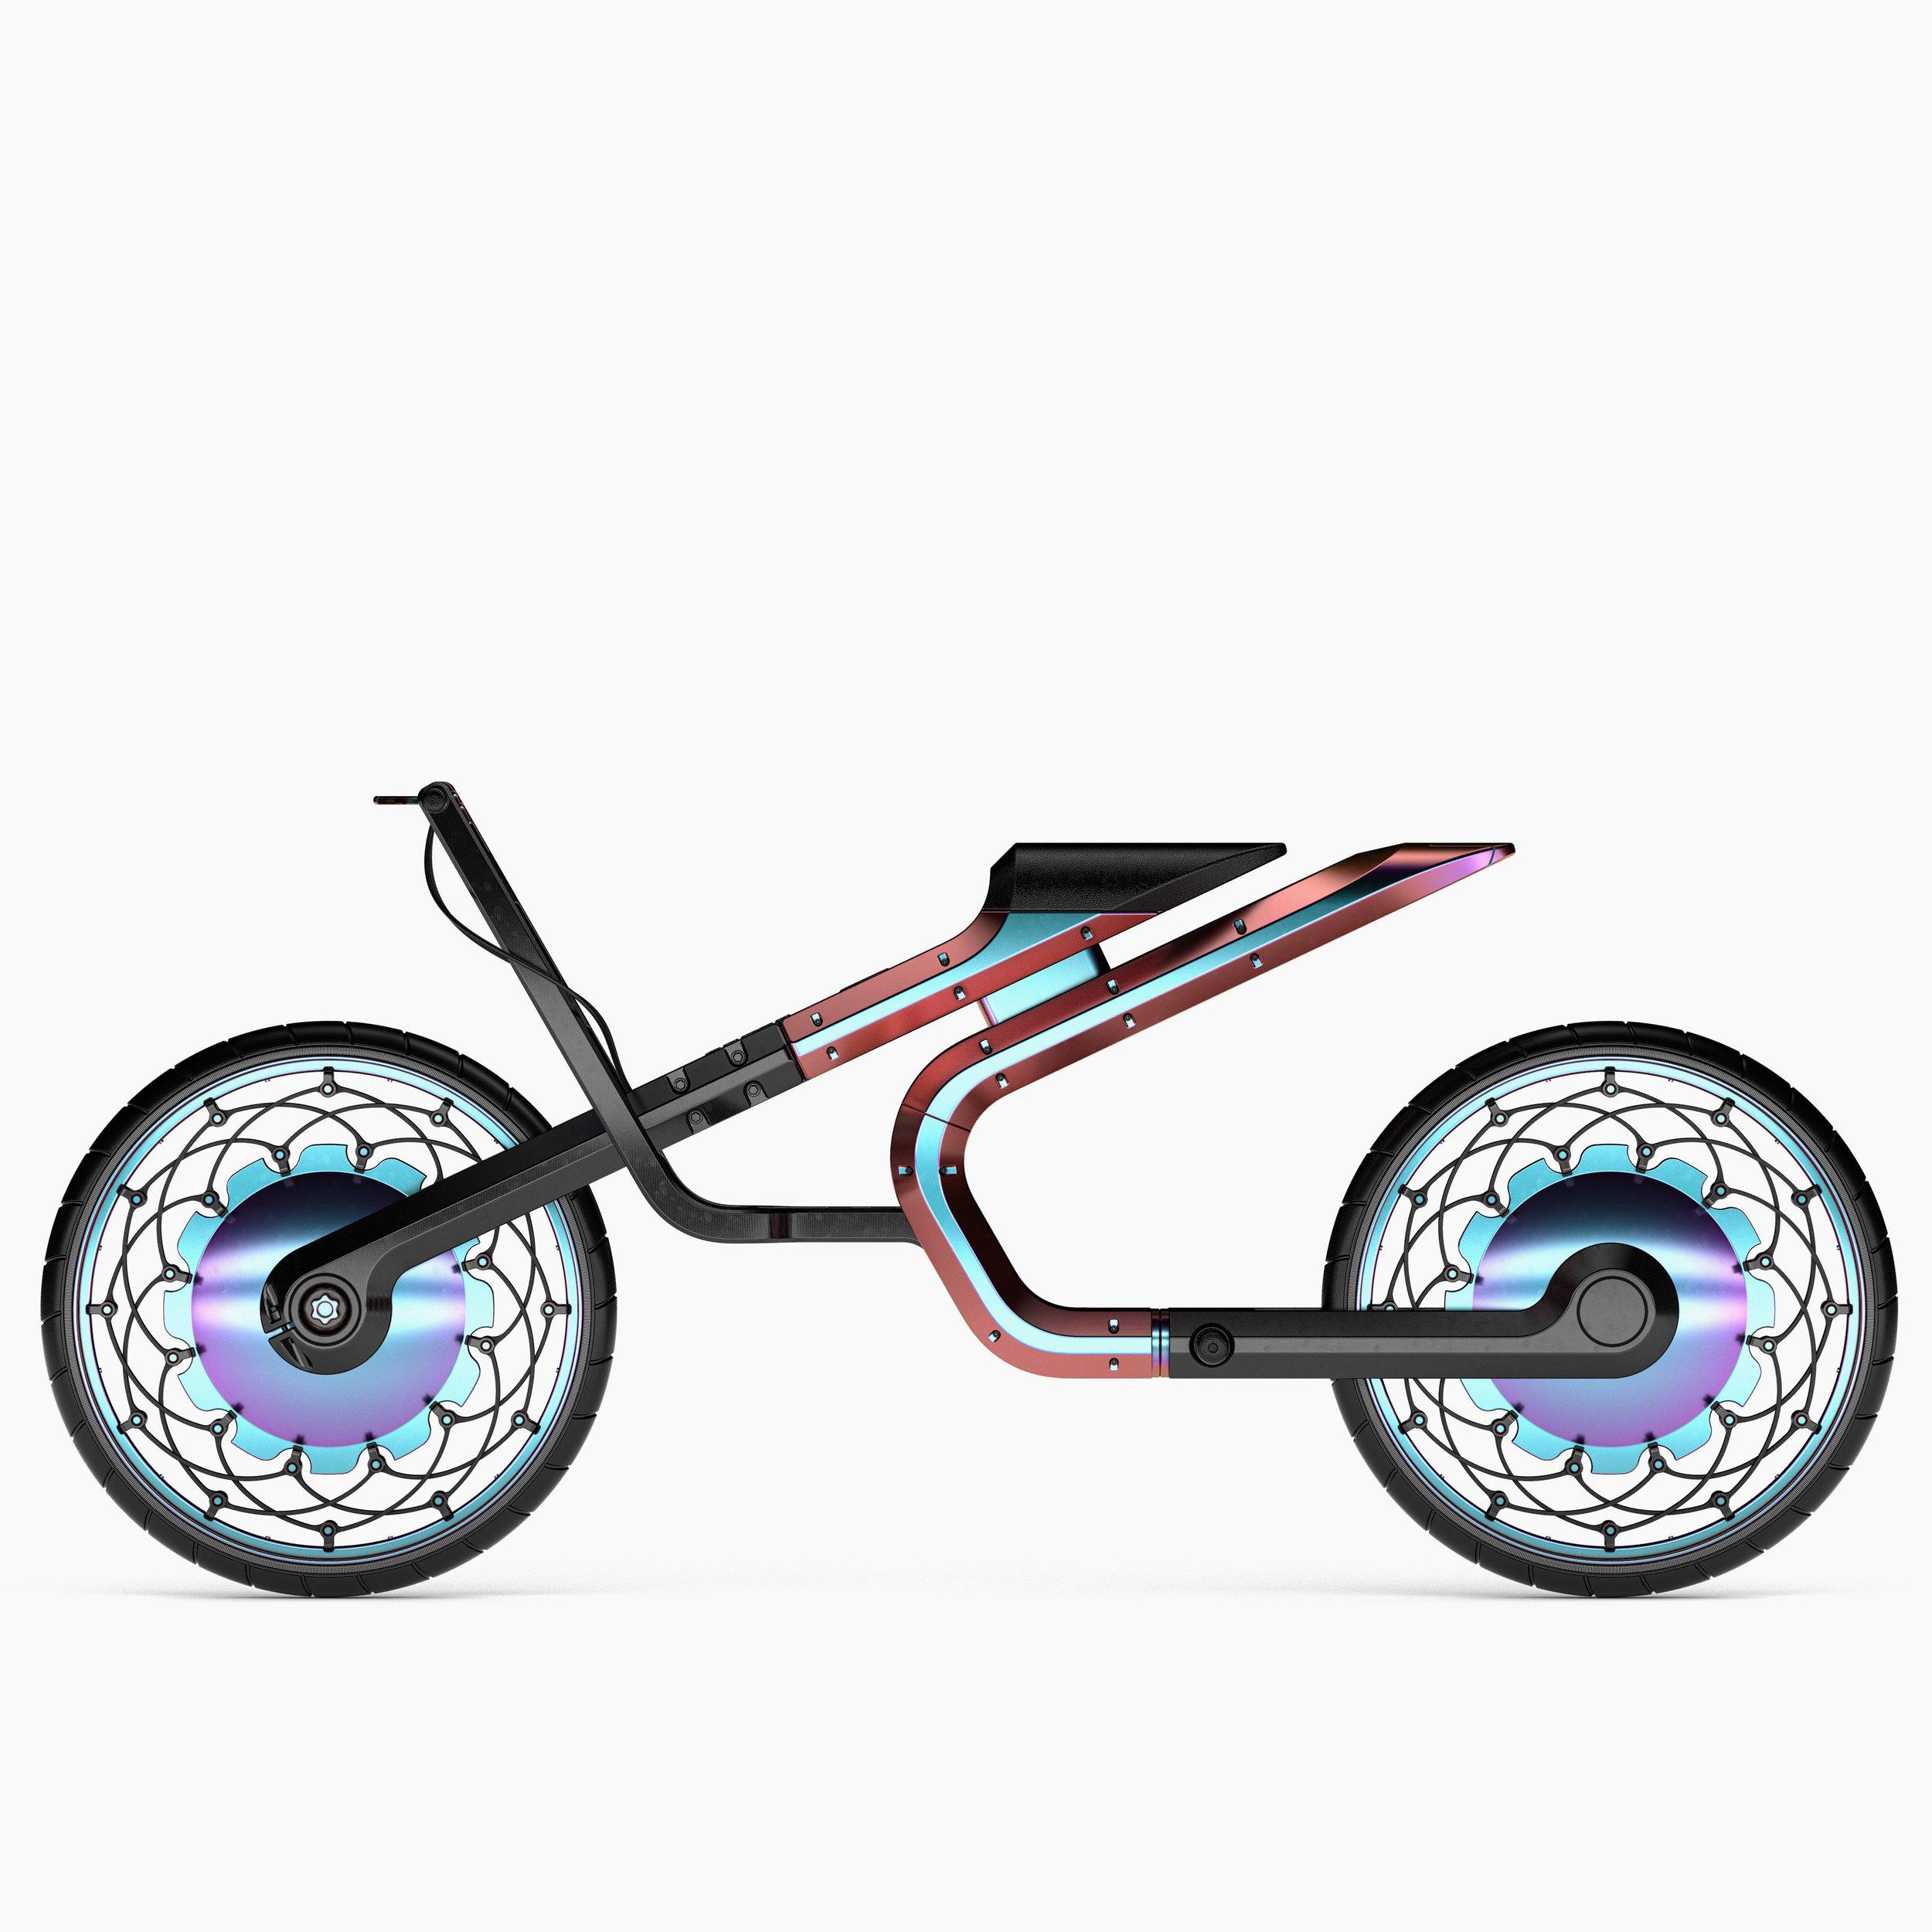 B4_Motorcycle.03.jpg